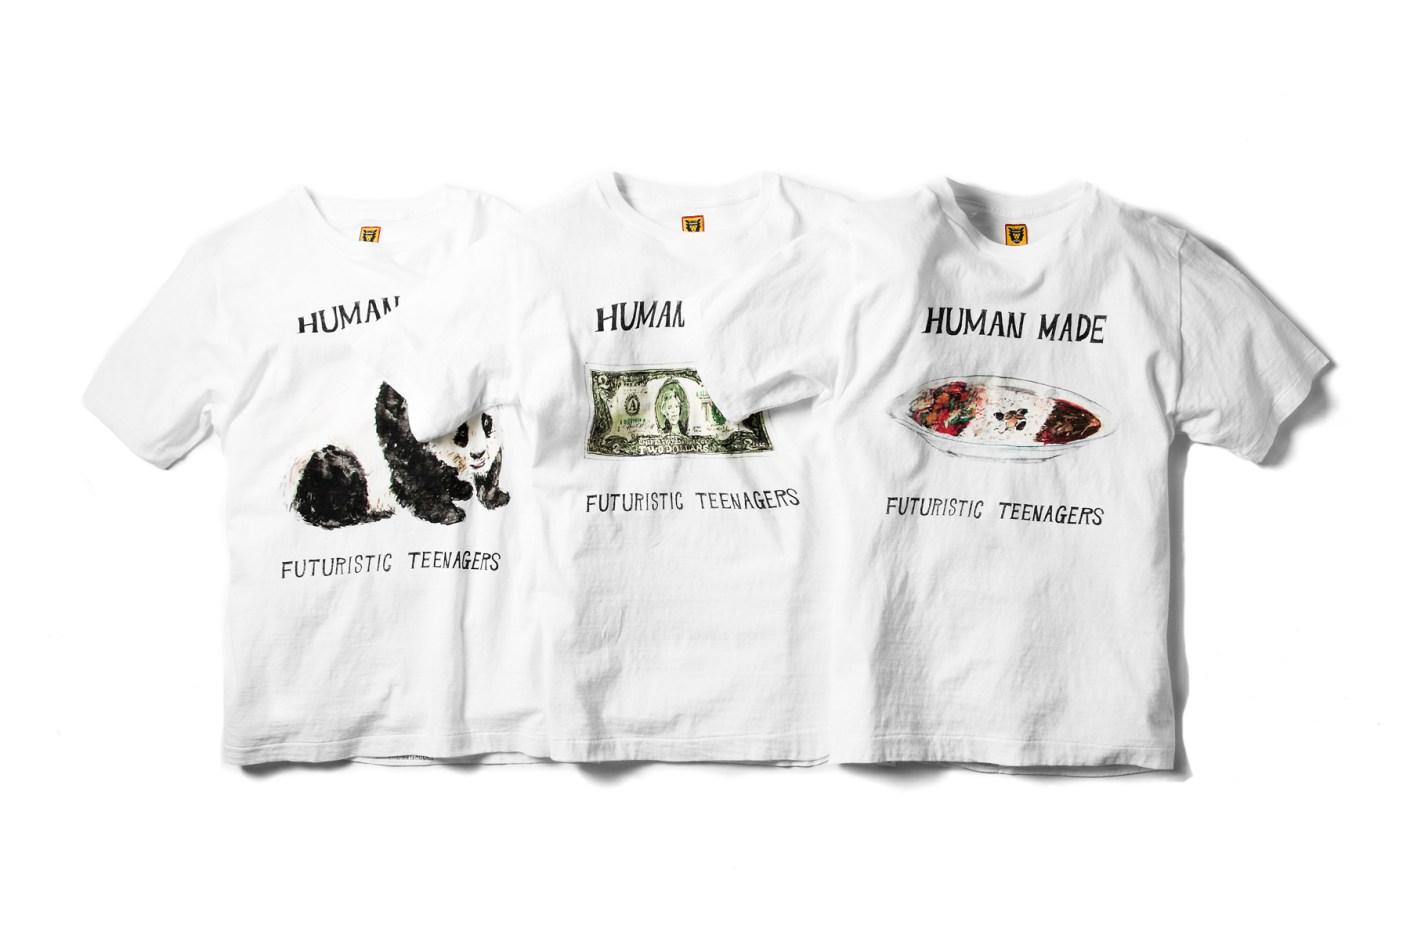 Image of HUMAN MADE 2014 Summer T-Shirts